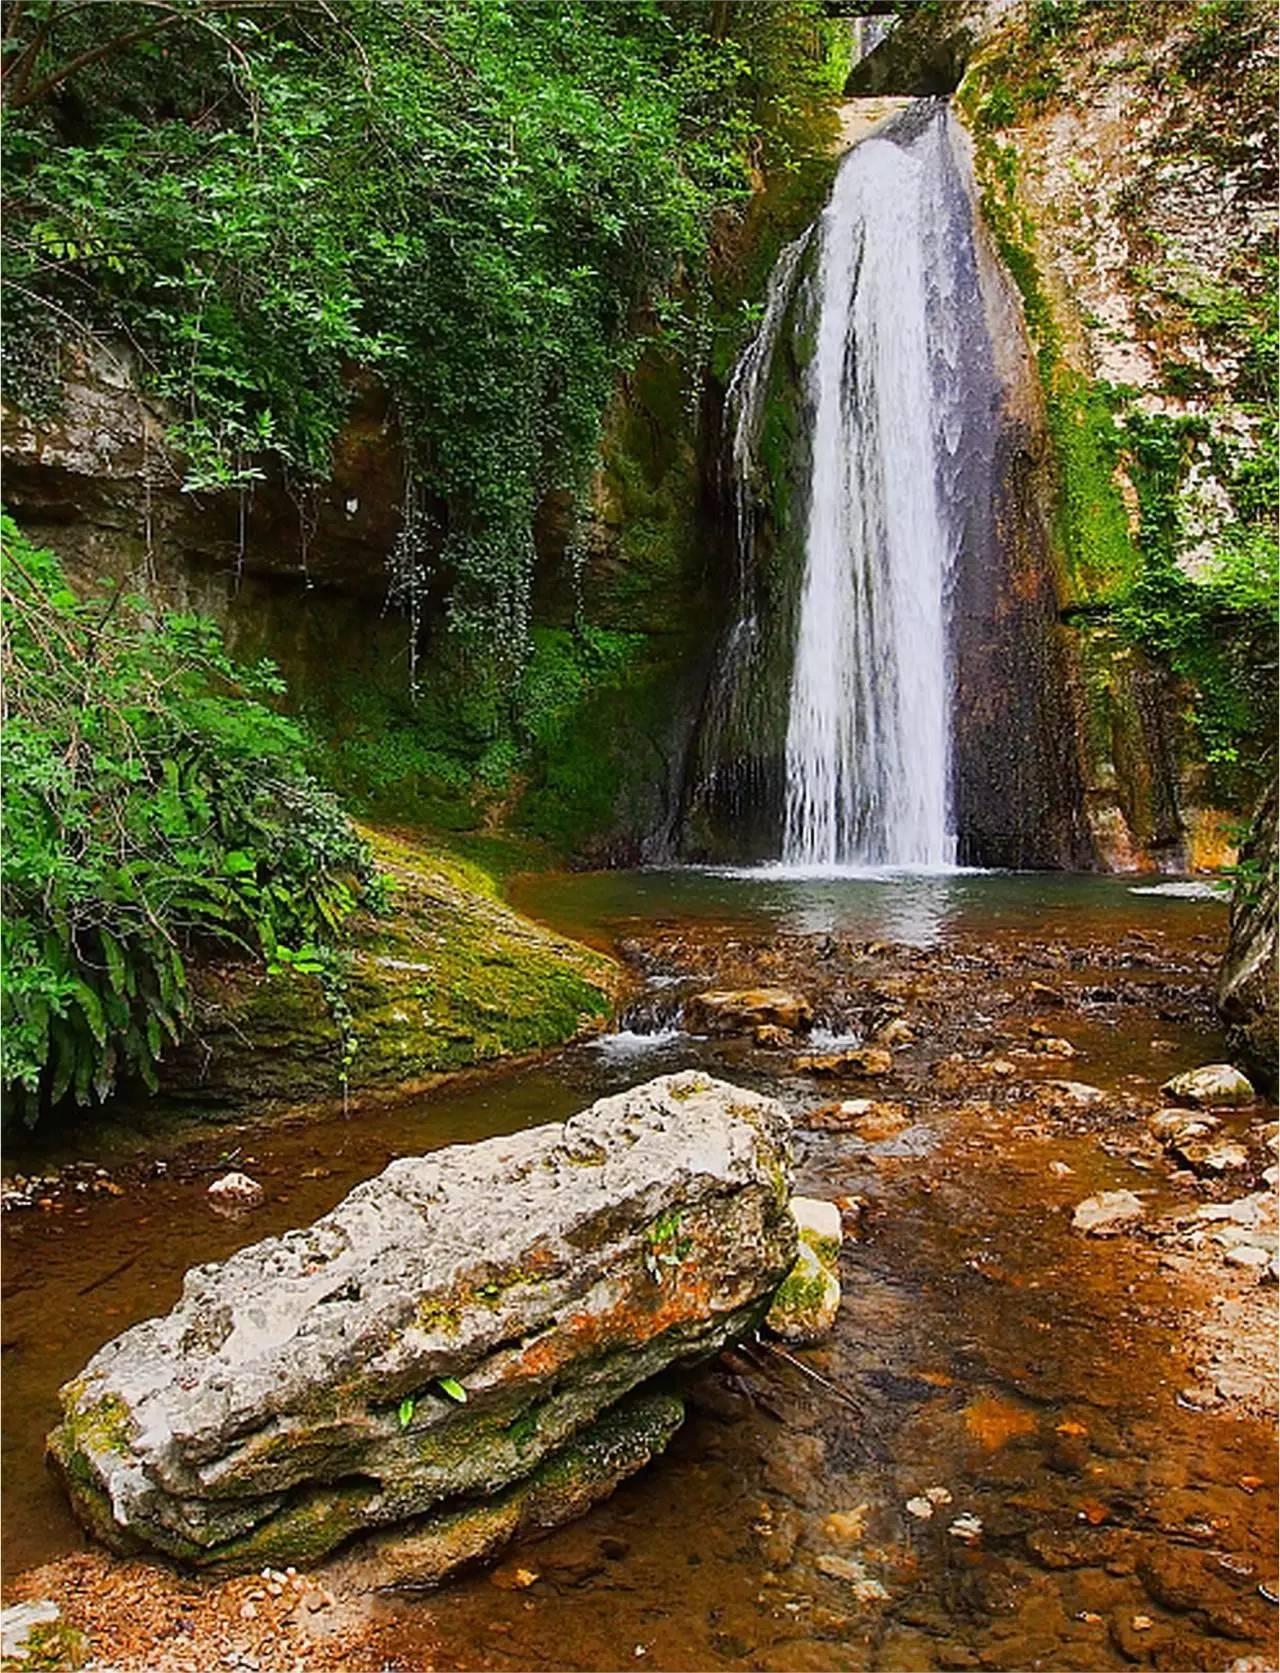 莫利纳瀑布公园占地150公顷,除了有茂盛的珍惜植被,更难得的是也有泉水从岩间喷涌而出